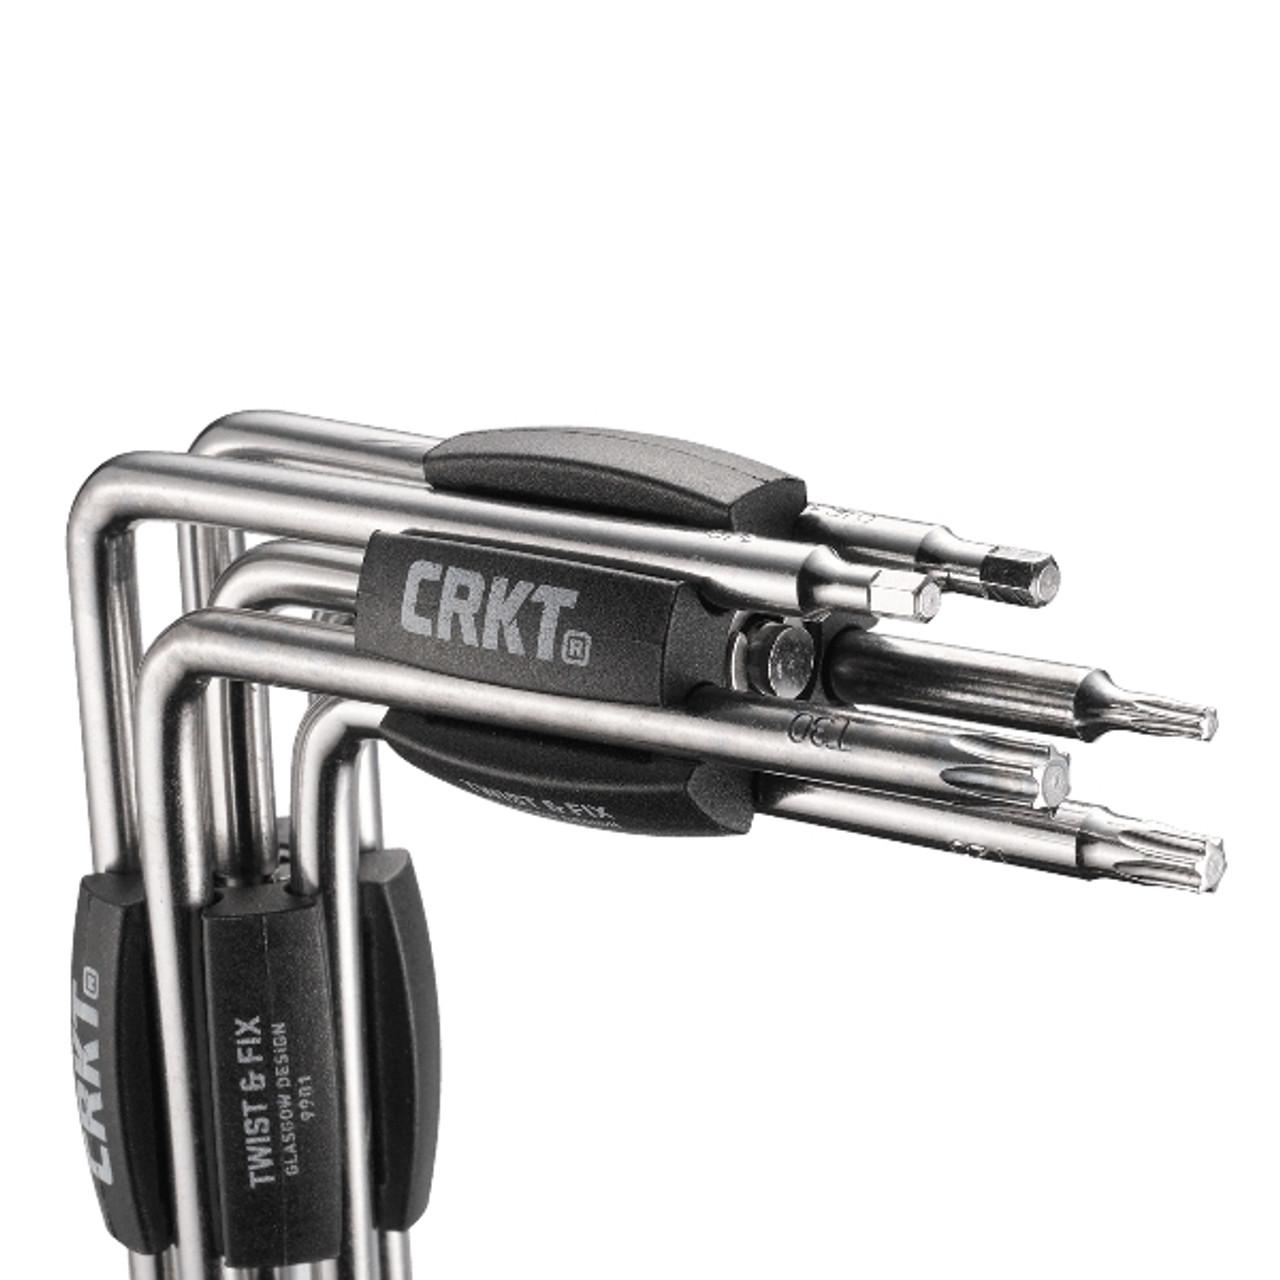 CRKT Twist & Fix Torx/Hex Tools, Black Handles